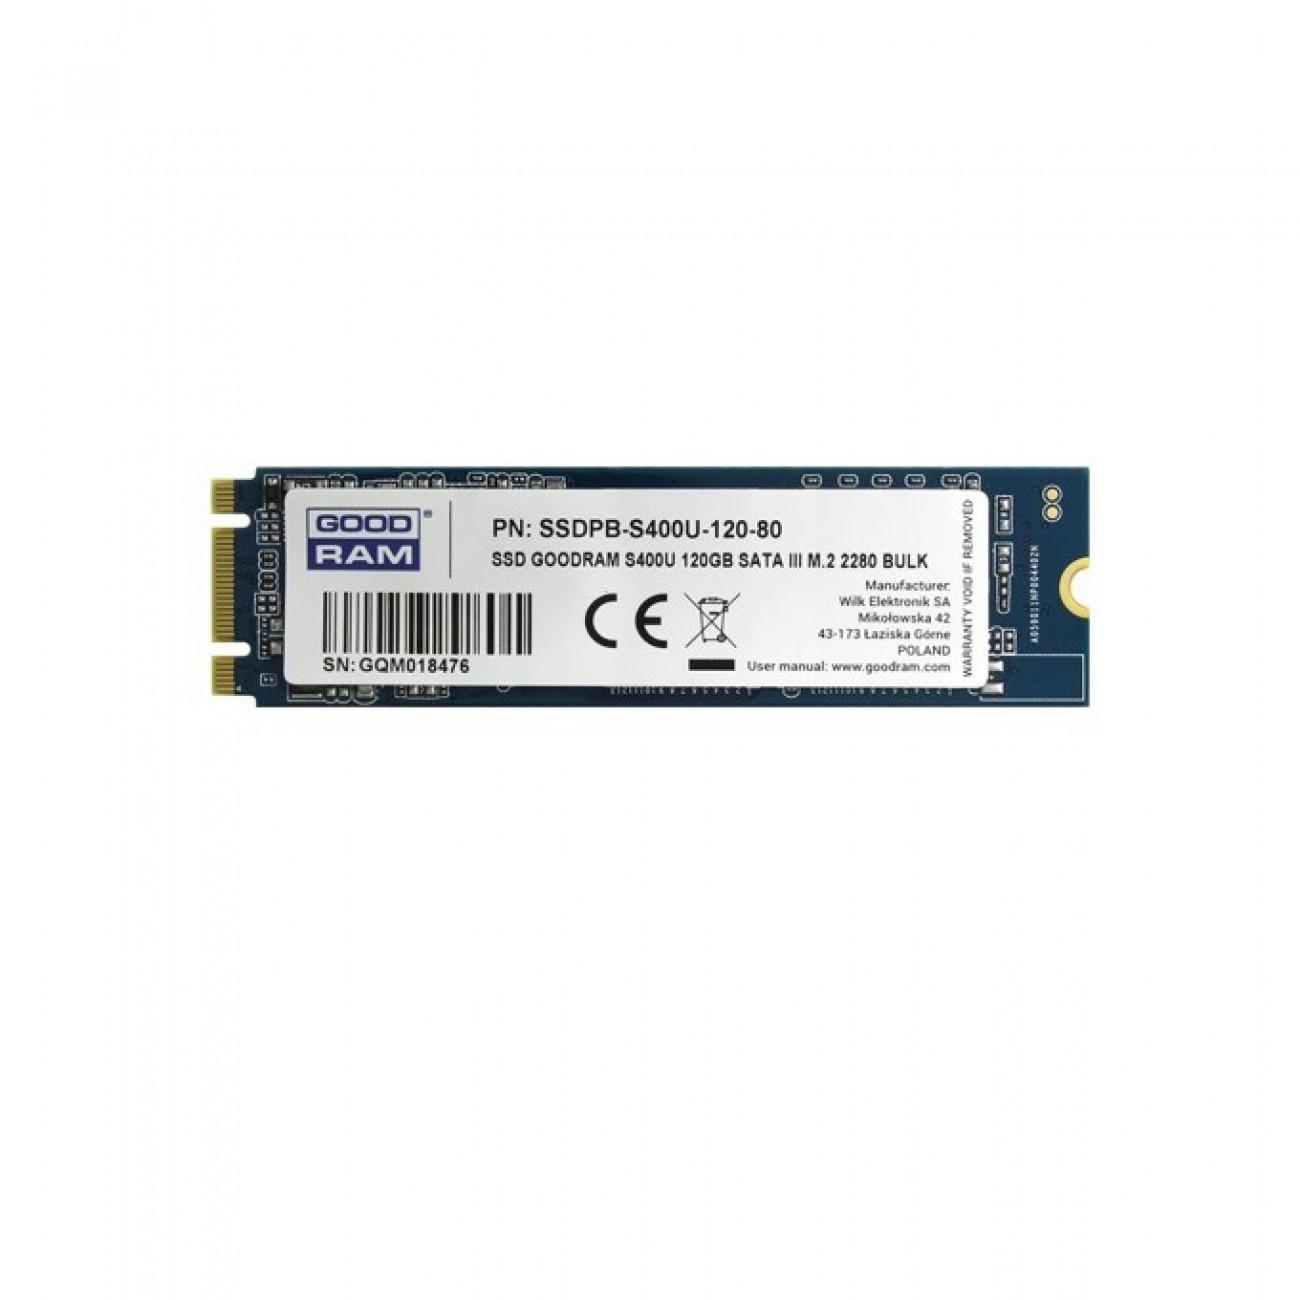 SSD 120GB Goodram S400u SSDPR-S400U-120-80, SATA 6Gb/s, M.2 2280, скорост на четене 550 MB/s, скорост на запис 530MB/s в SSD дискове -  | Alleop